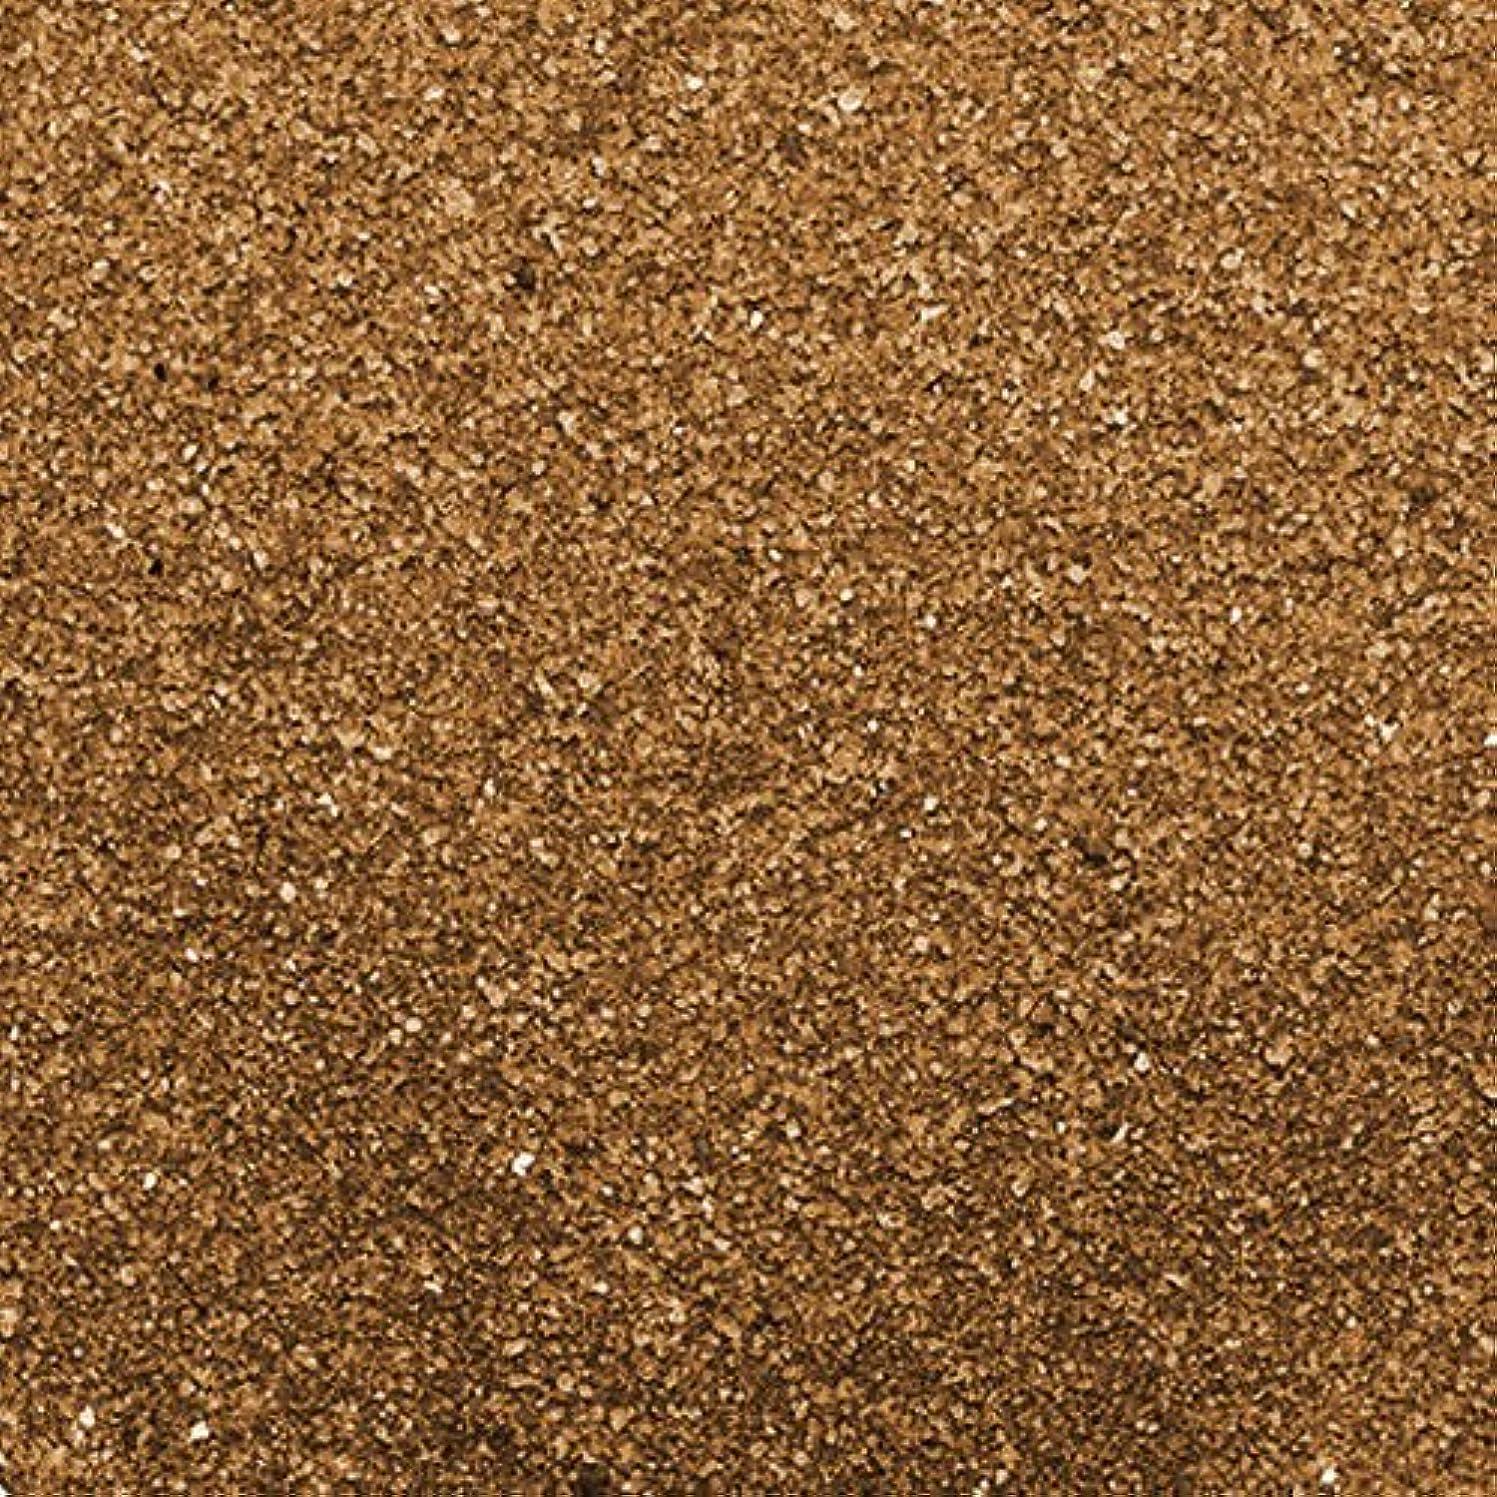 体細胞アウター石炭16ozブラウンバルクカラー樹脂Incense Burner熱吸収/ Decorating Sandアート